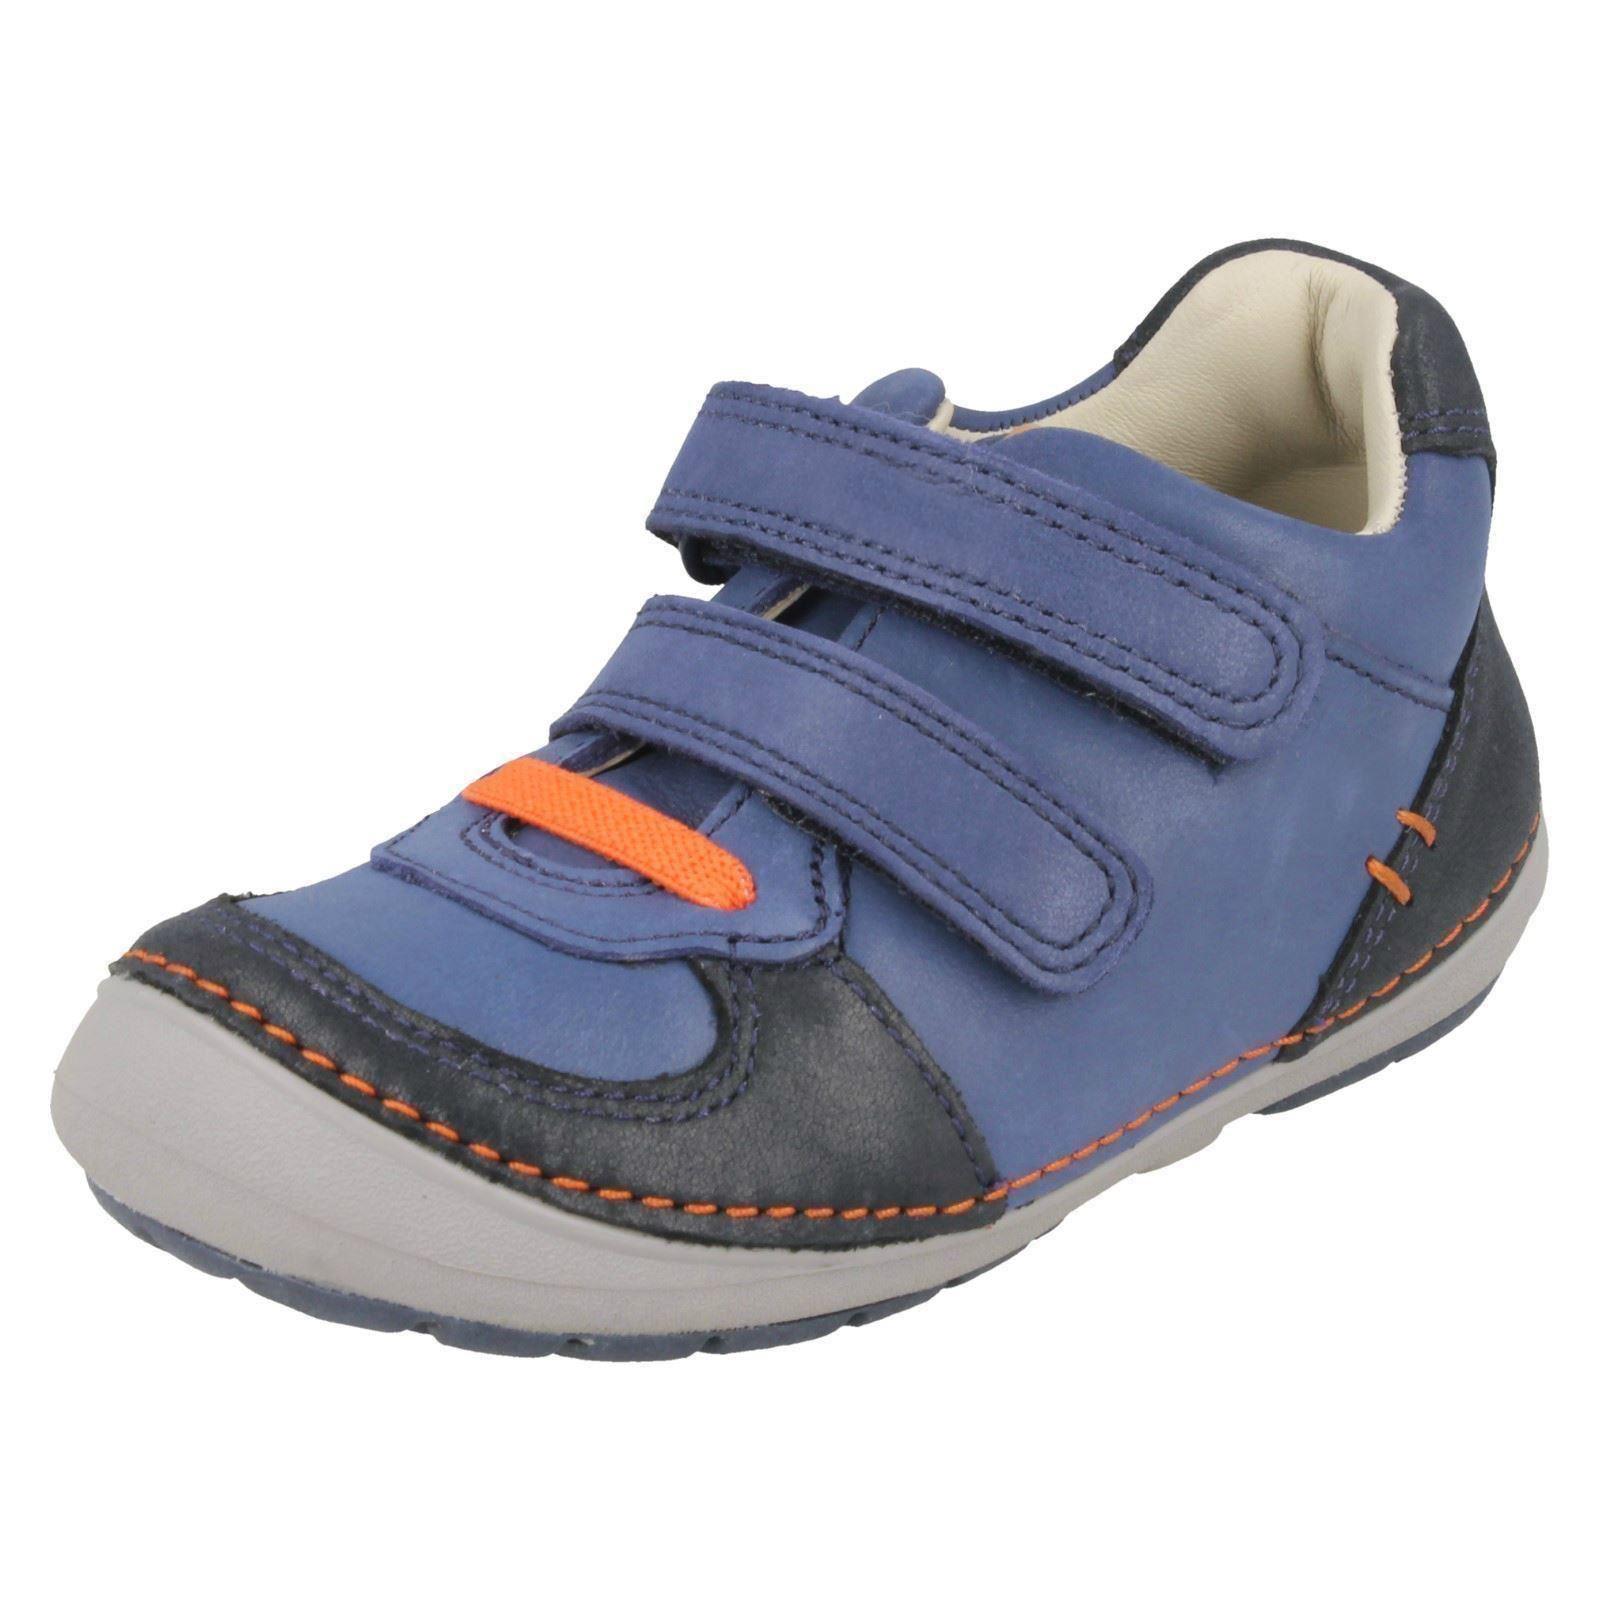 Chicos Niños Casual Zapatillas Zapatos Clarks suavemente Pow